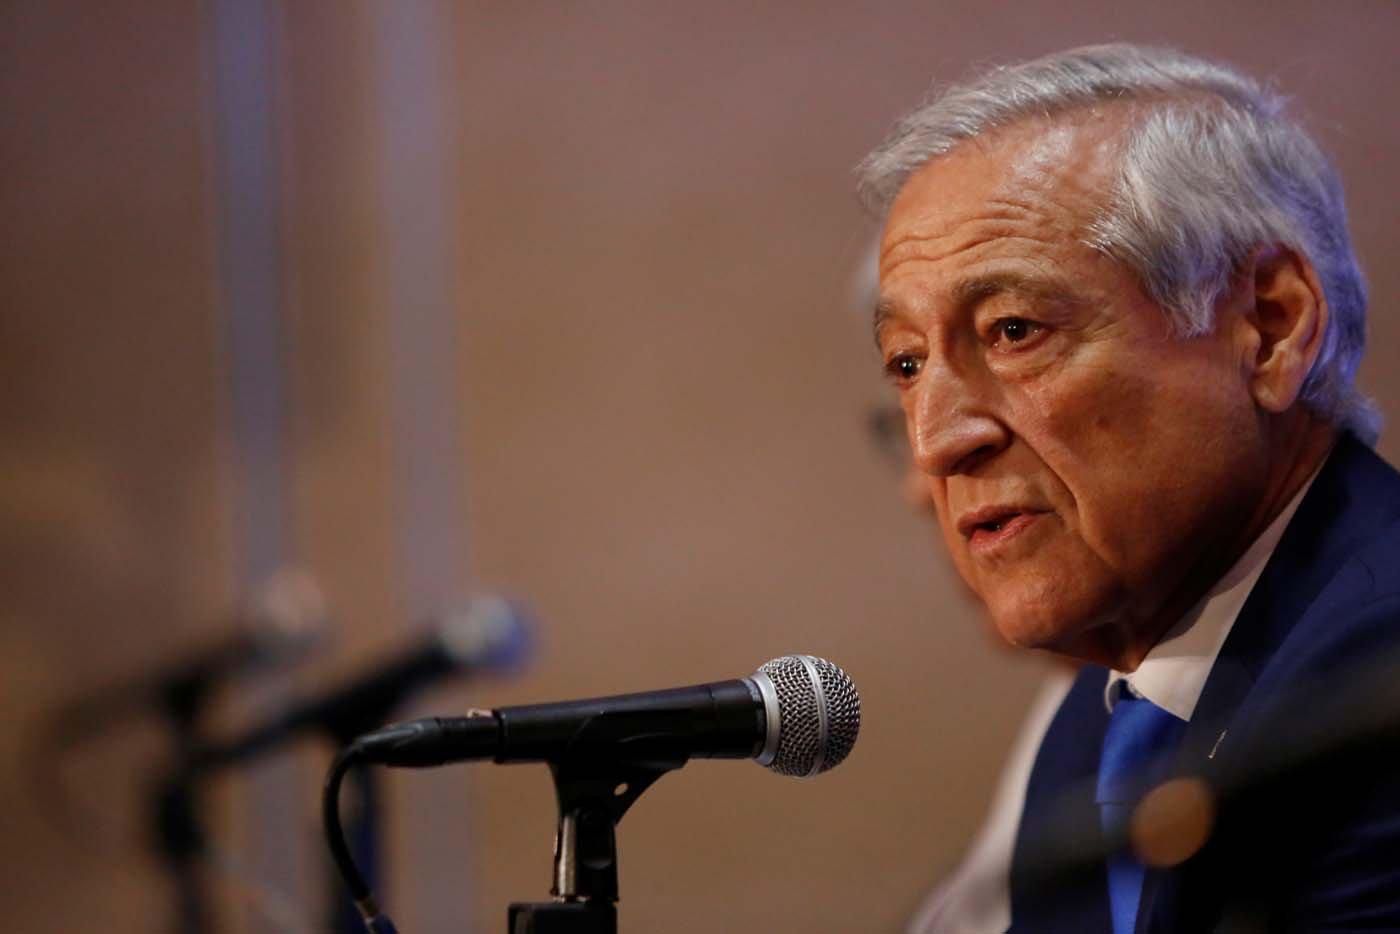 El canciller de Chile, Heraldo Muñoz (Foto archivo REUTERS/Carlos Jasso)